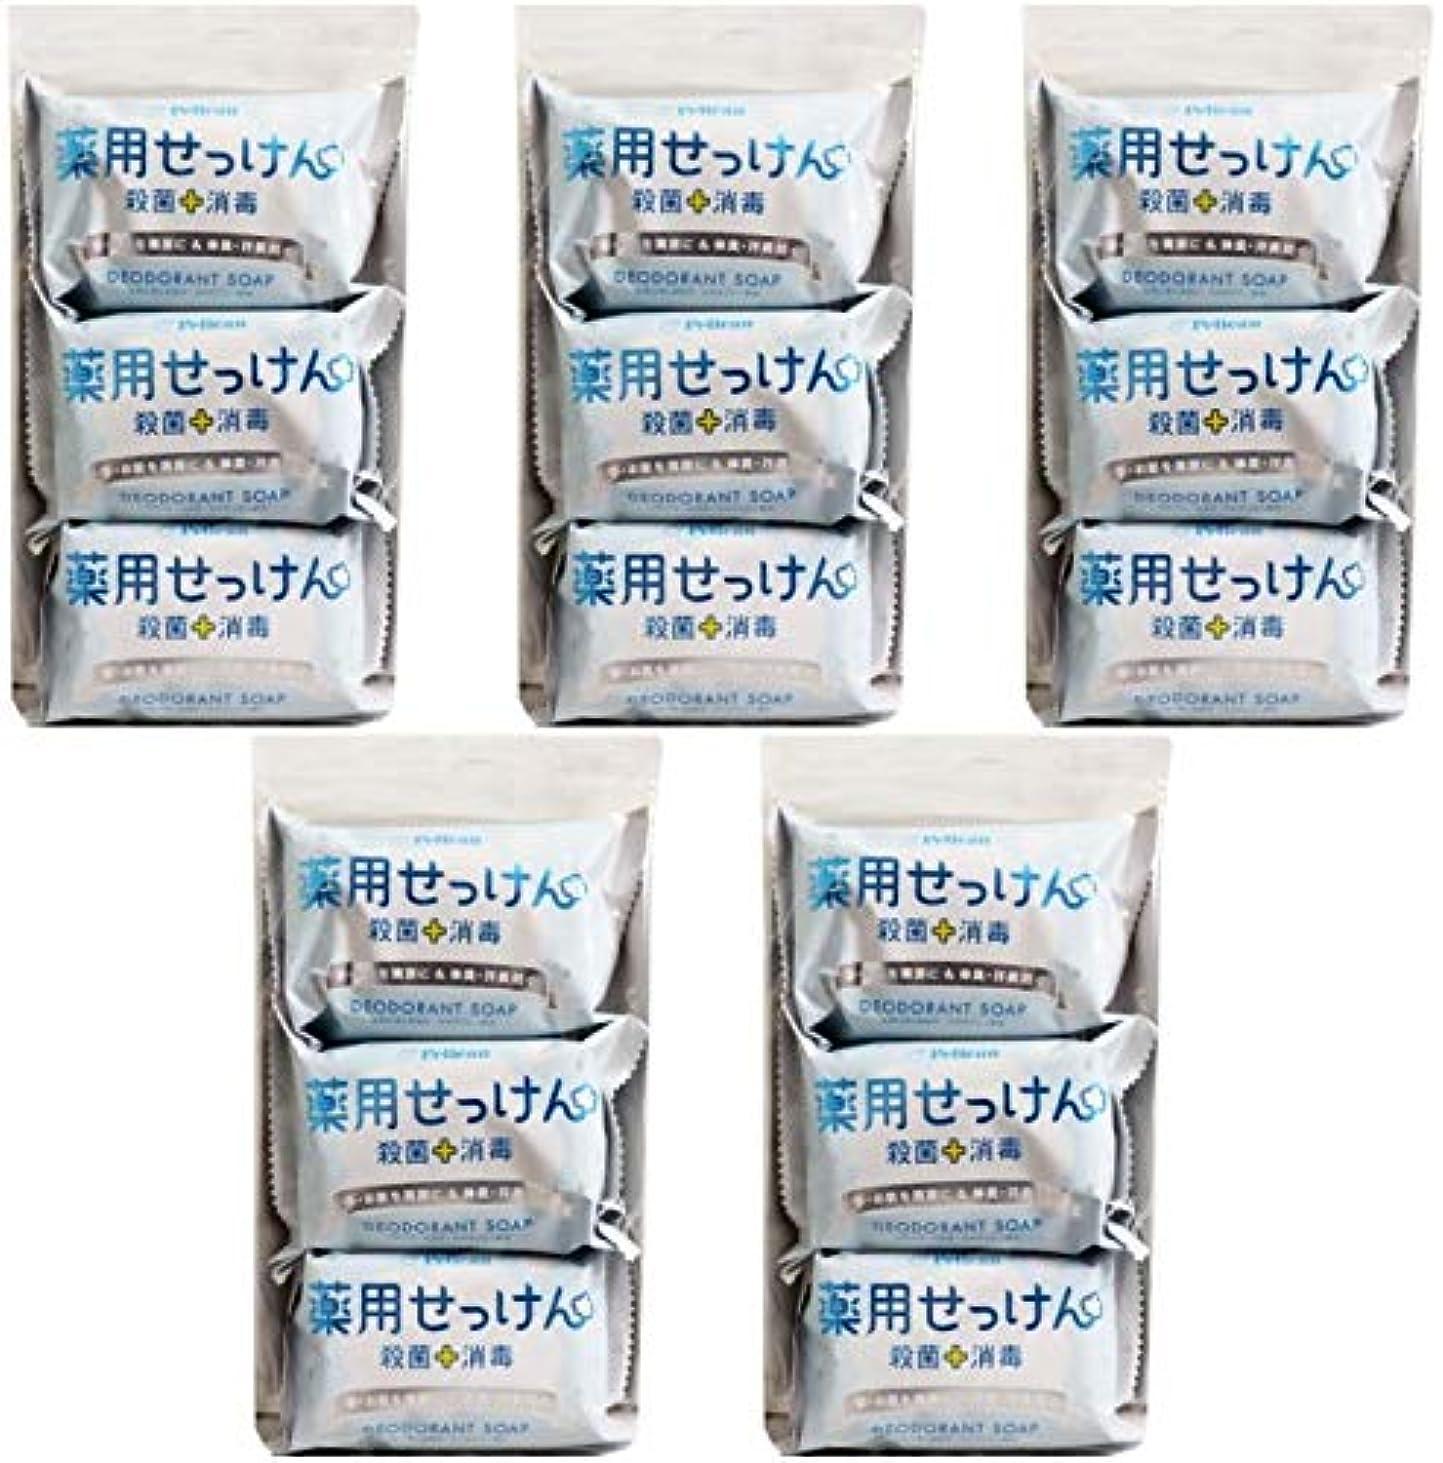 吸収十二グループ【まとめ買い】ペリカン石鹸 薬用せっけん 85g×3個【×5個】